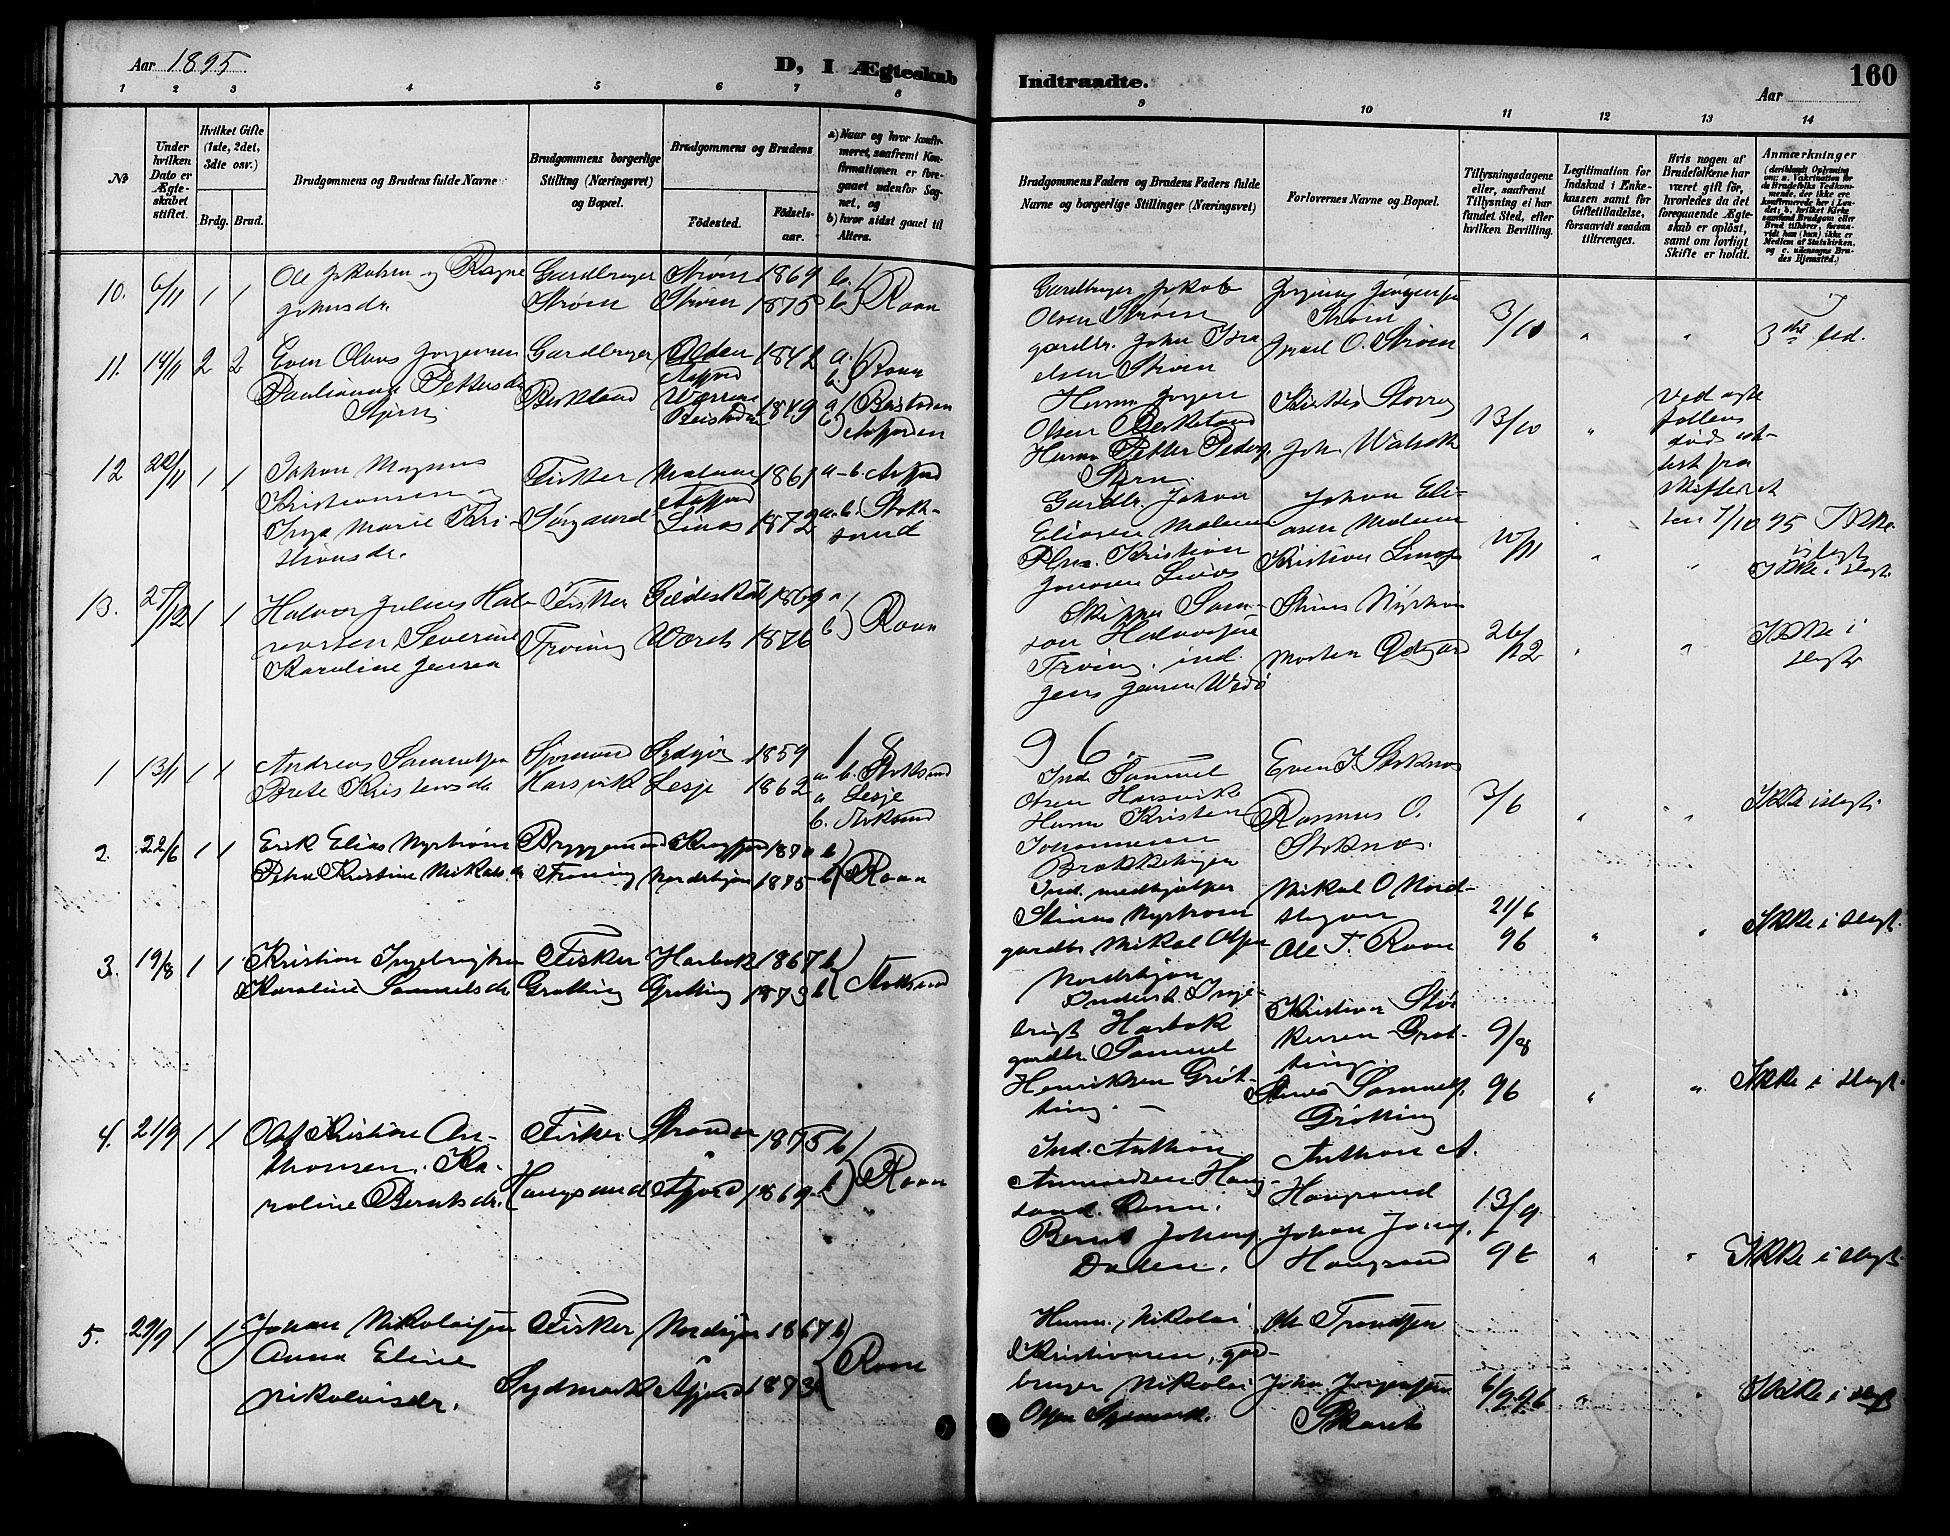 SAT, Ministerialprotokoller, klokkerbøker og fødselsregistre - Sør-Trøndelag, 657/L0716: Klokkerbok nr. 657C03, 1889-1904, s. 160